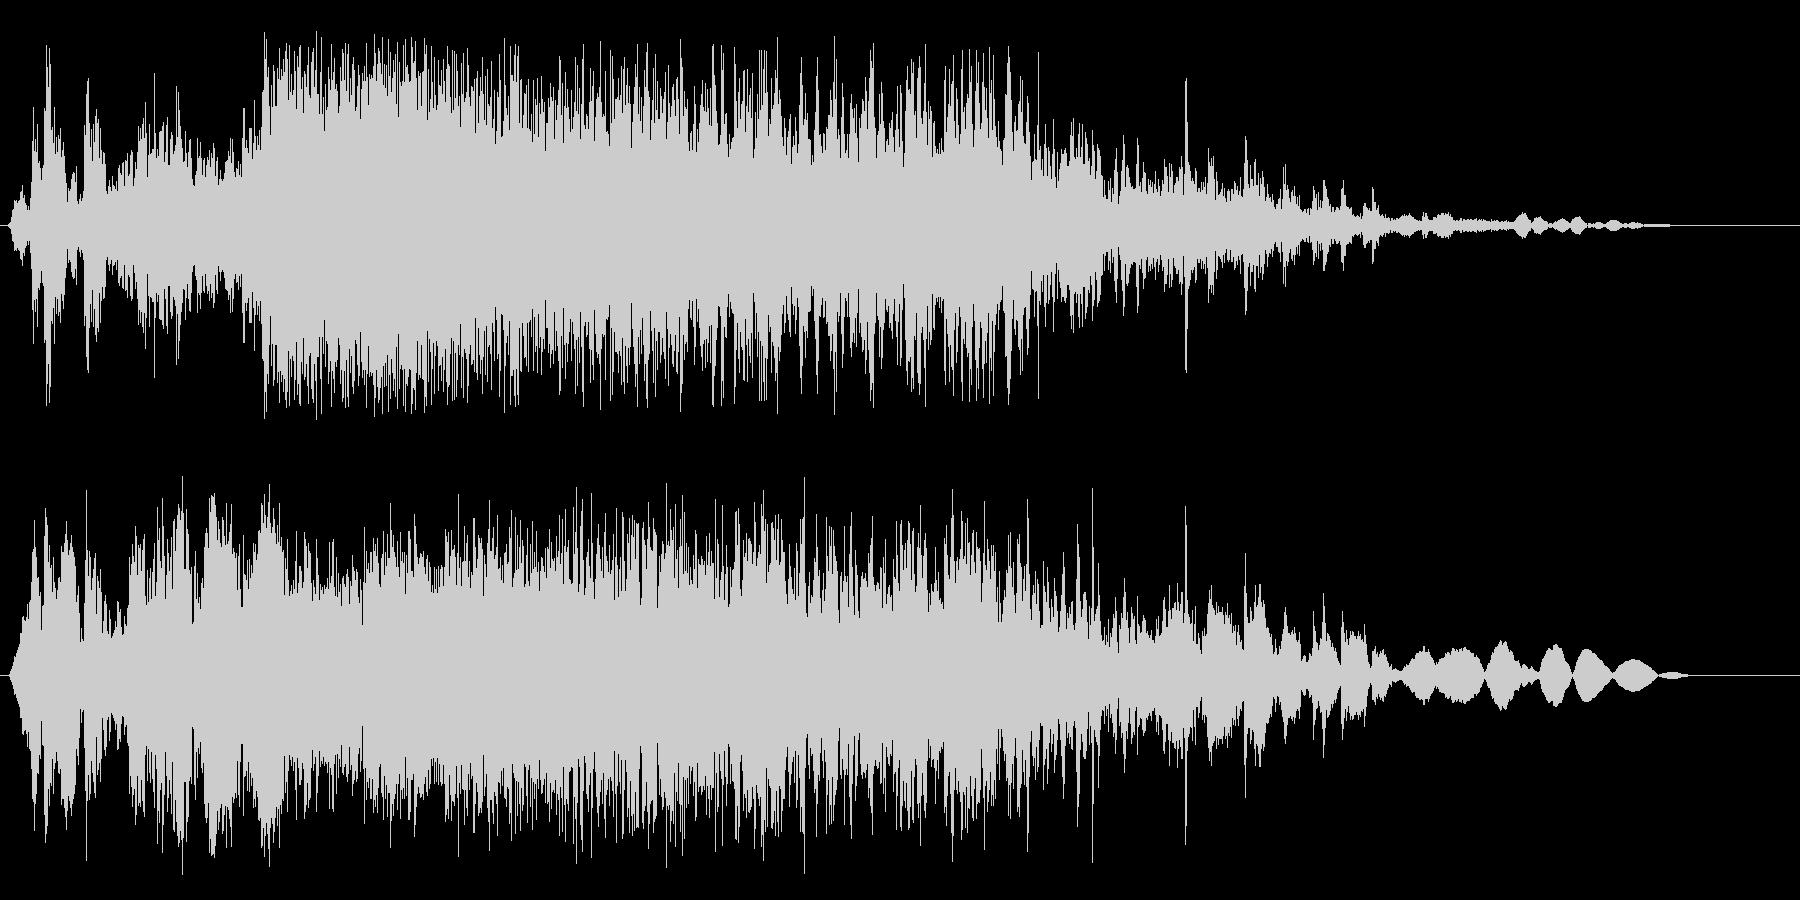 お米を入れる音の効果音の未再生の波形